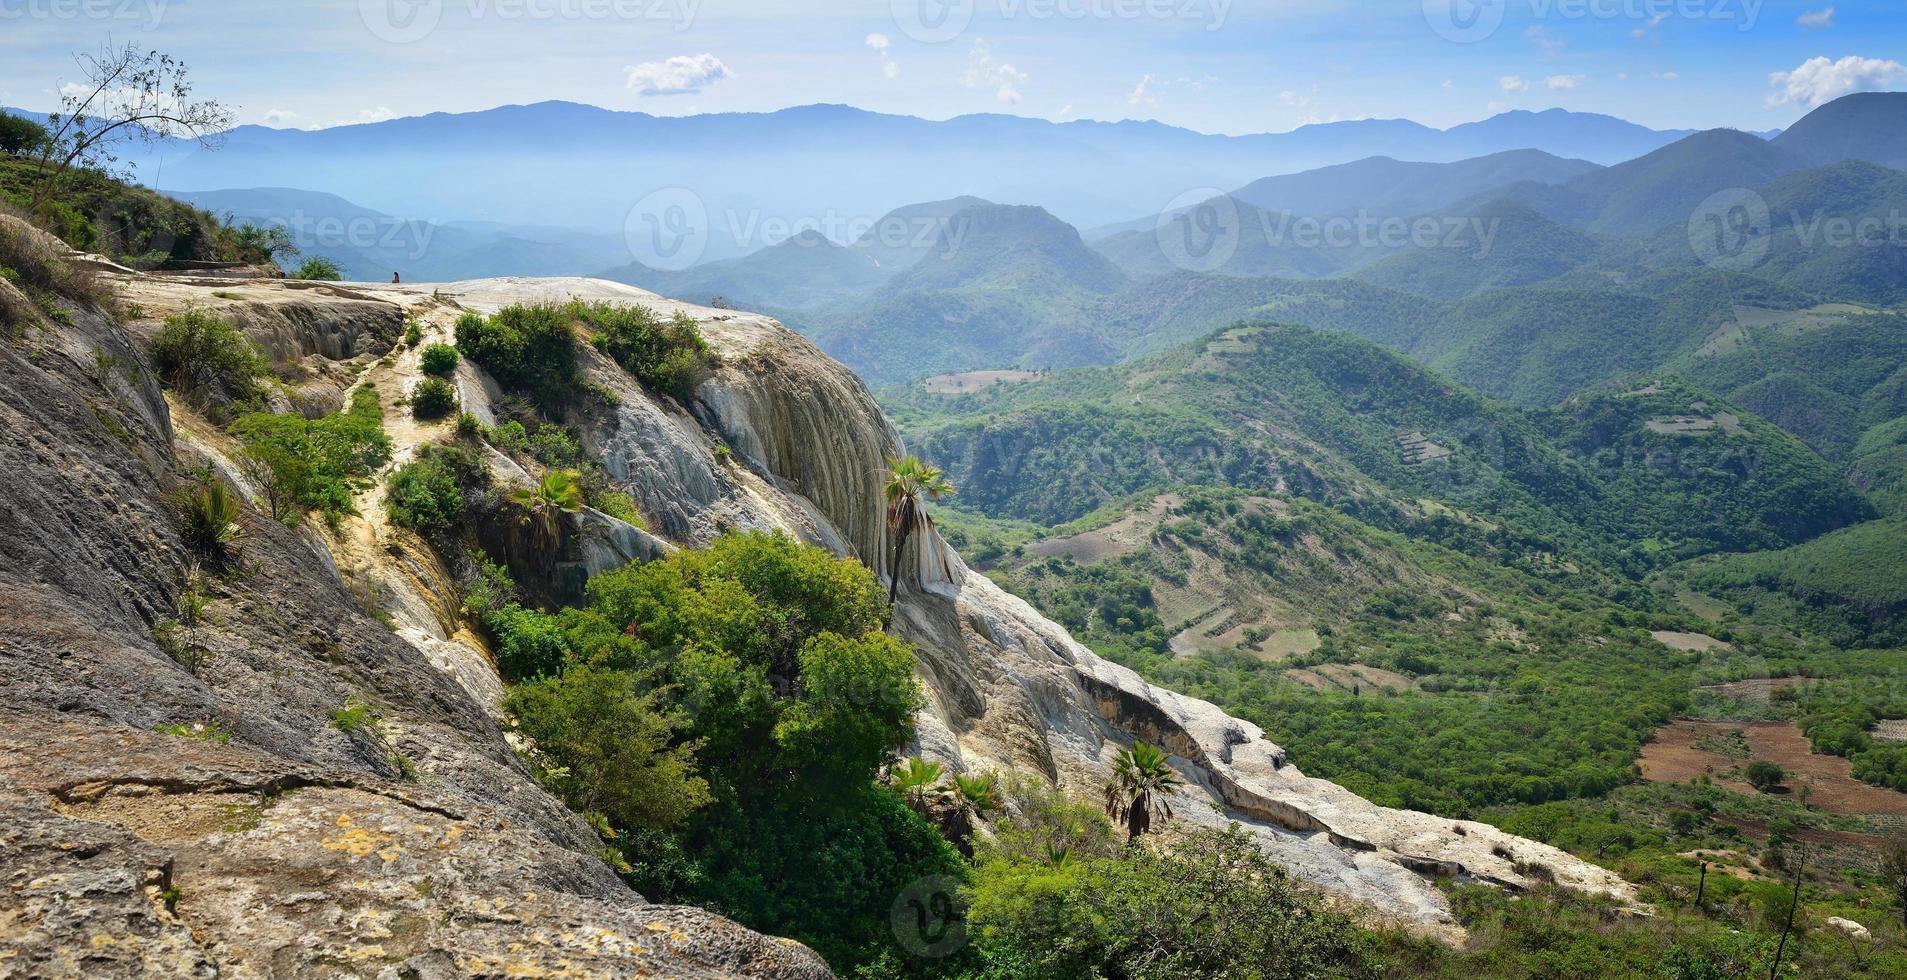 panoramisch uitzicht op bergen vanaf warmwaterbronnen hierve el agua foto